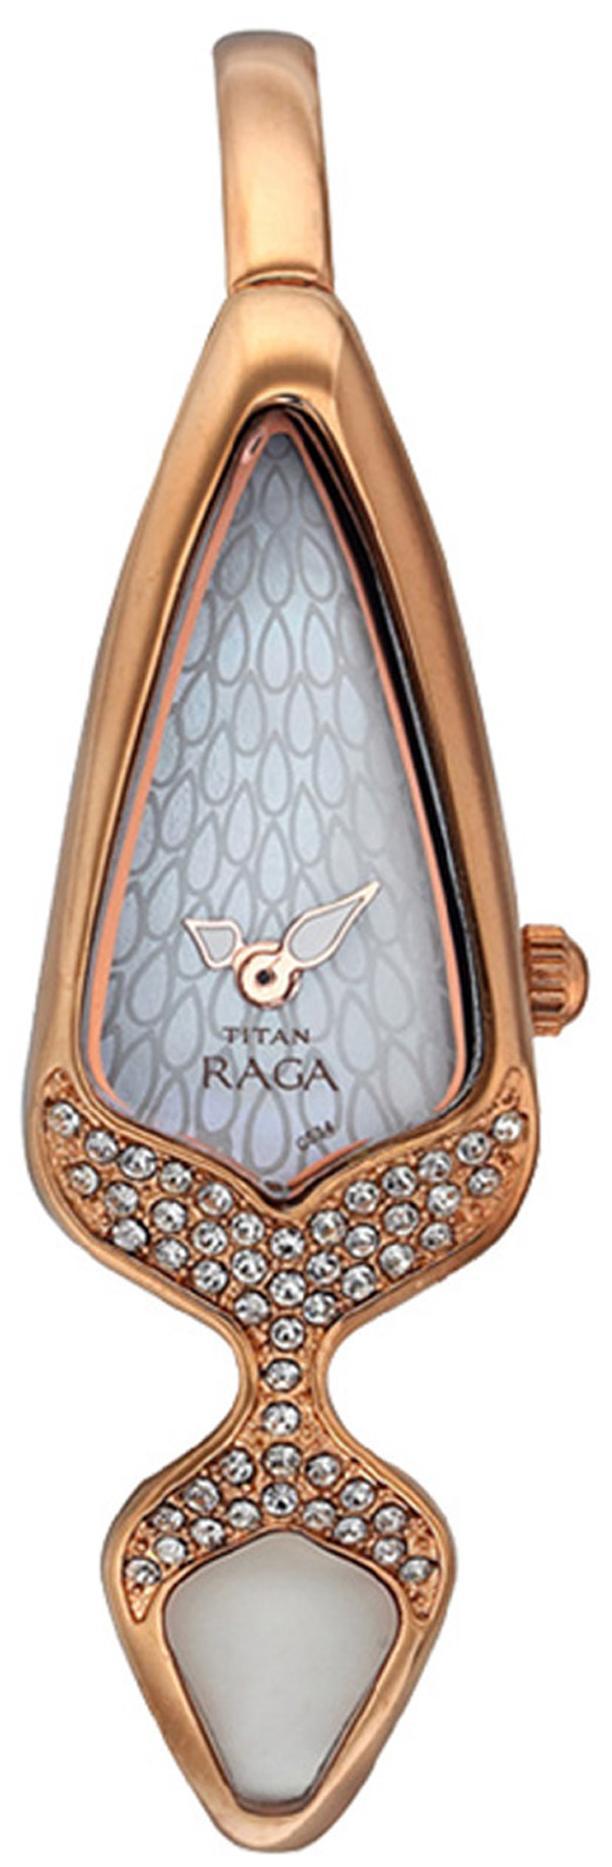 Titan - Raga Đồng Hồ Nữ Quartz - N9769WM01-3539 1